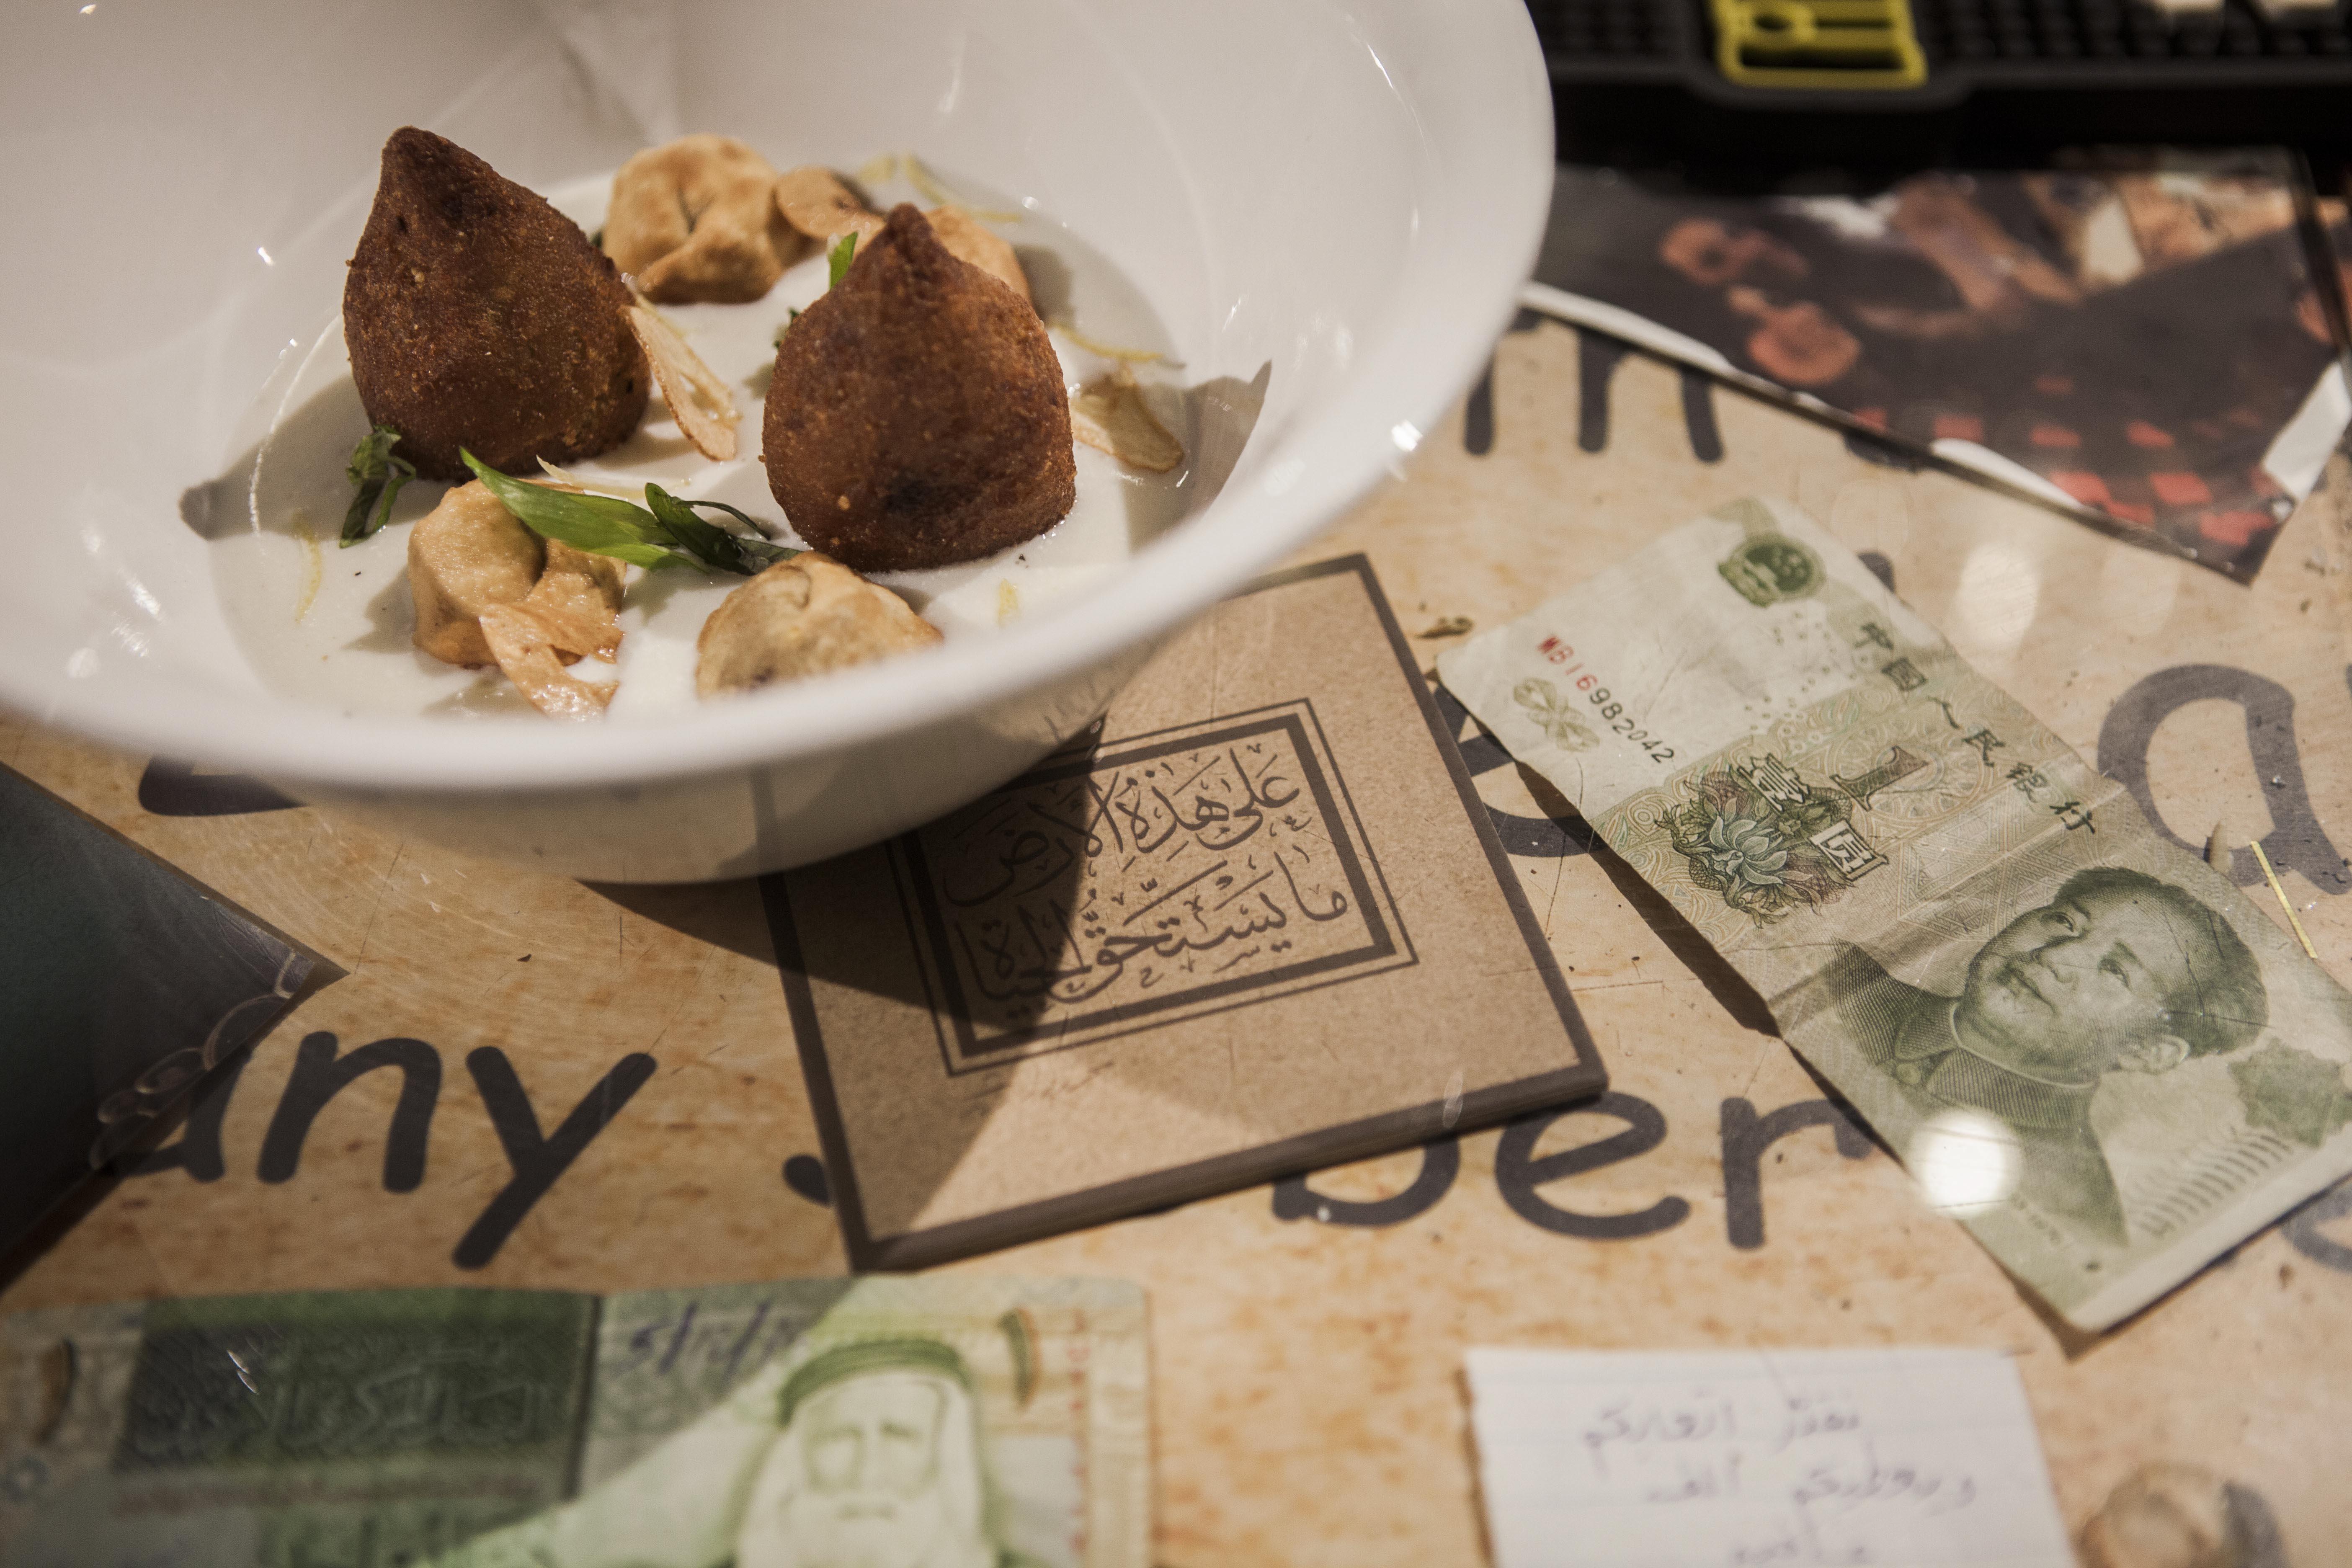 Food Israel During